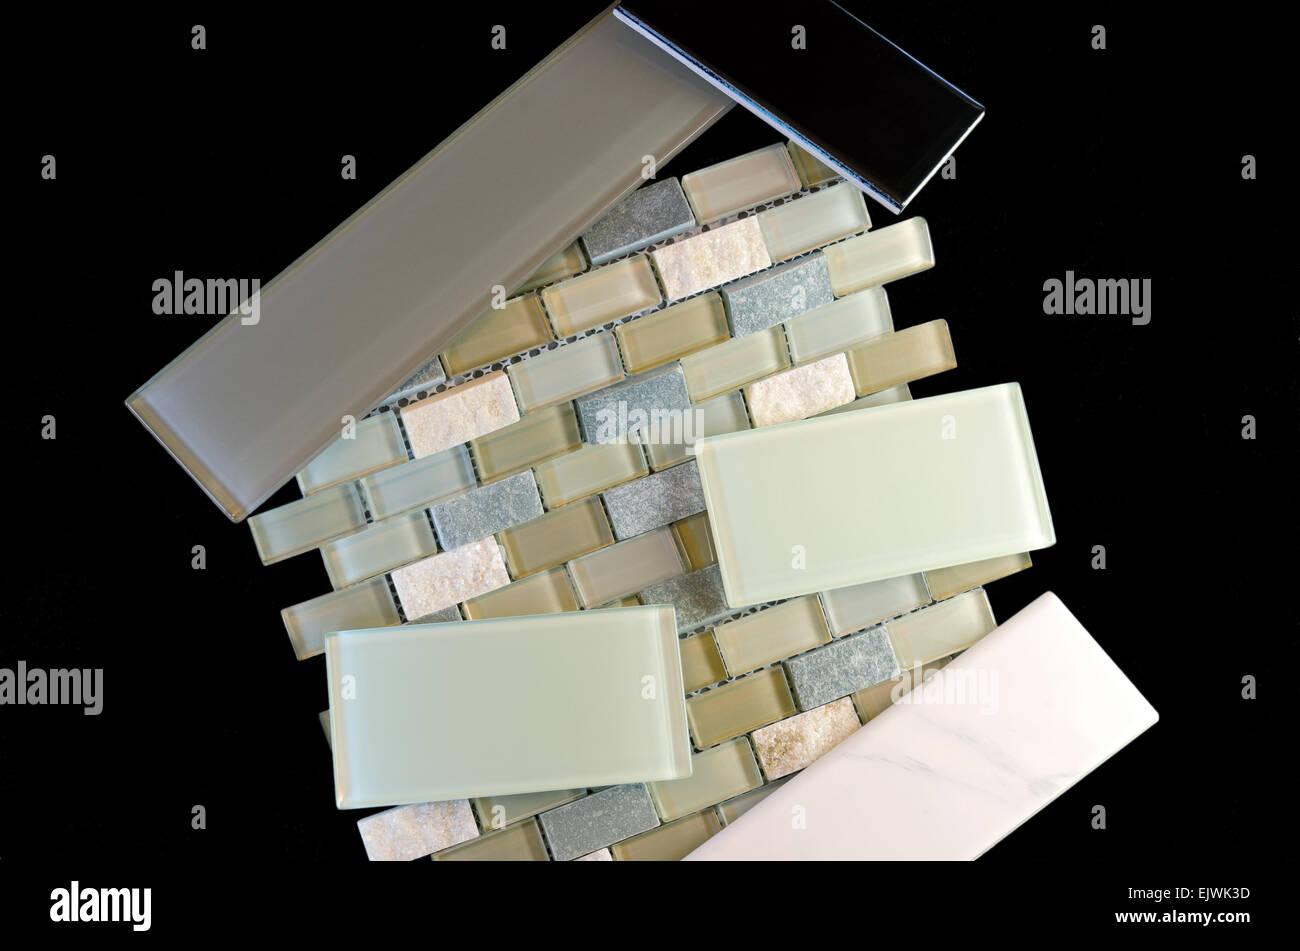 Captivating Glas U Bahn Kachel Netz Montiert Mosaik Fliesen Keramik Und Porzellan  Fliesen Verwendete Proben In Küche Und Bad Backsplashes Und Wand